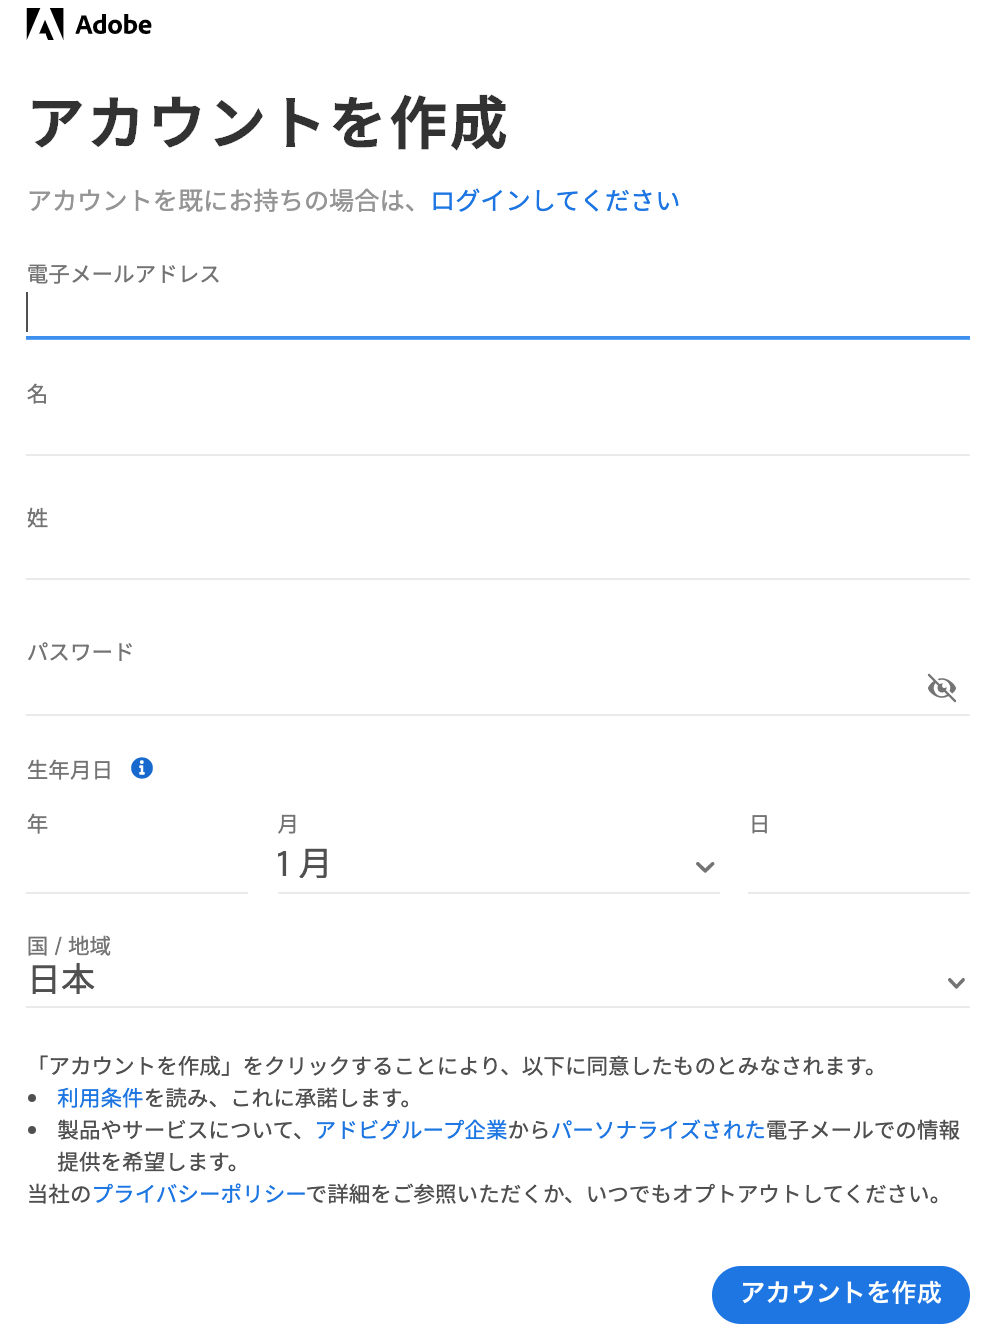 Screenshot 2020 08 19 at 14.28.18